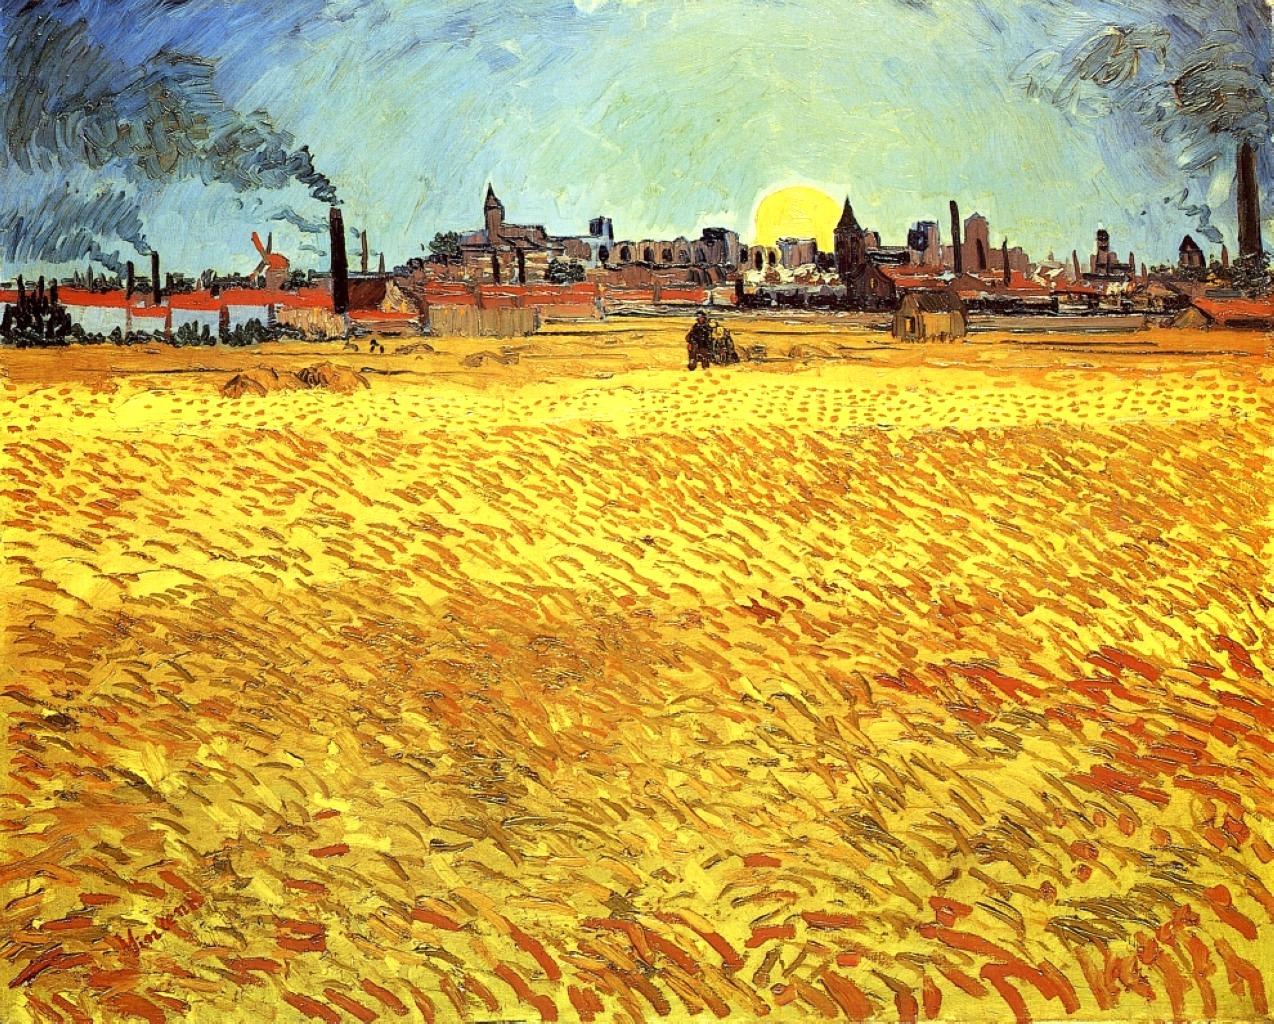 Летний вечер (Пшеничное поле в лучах заходящего солнца)[ картина - пейзаж ] :: Ван Гог, описание картины - Van Gogh фото